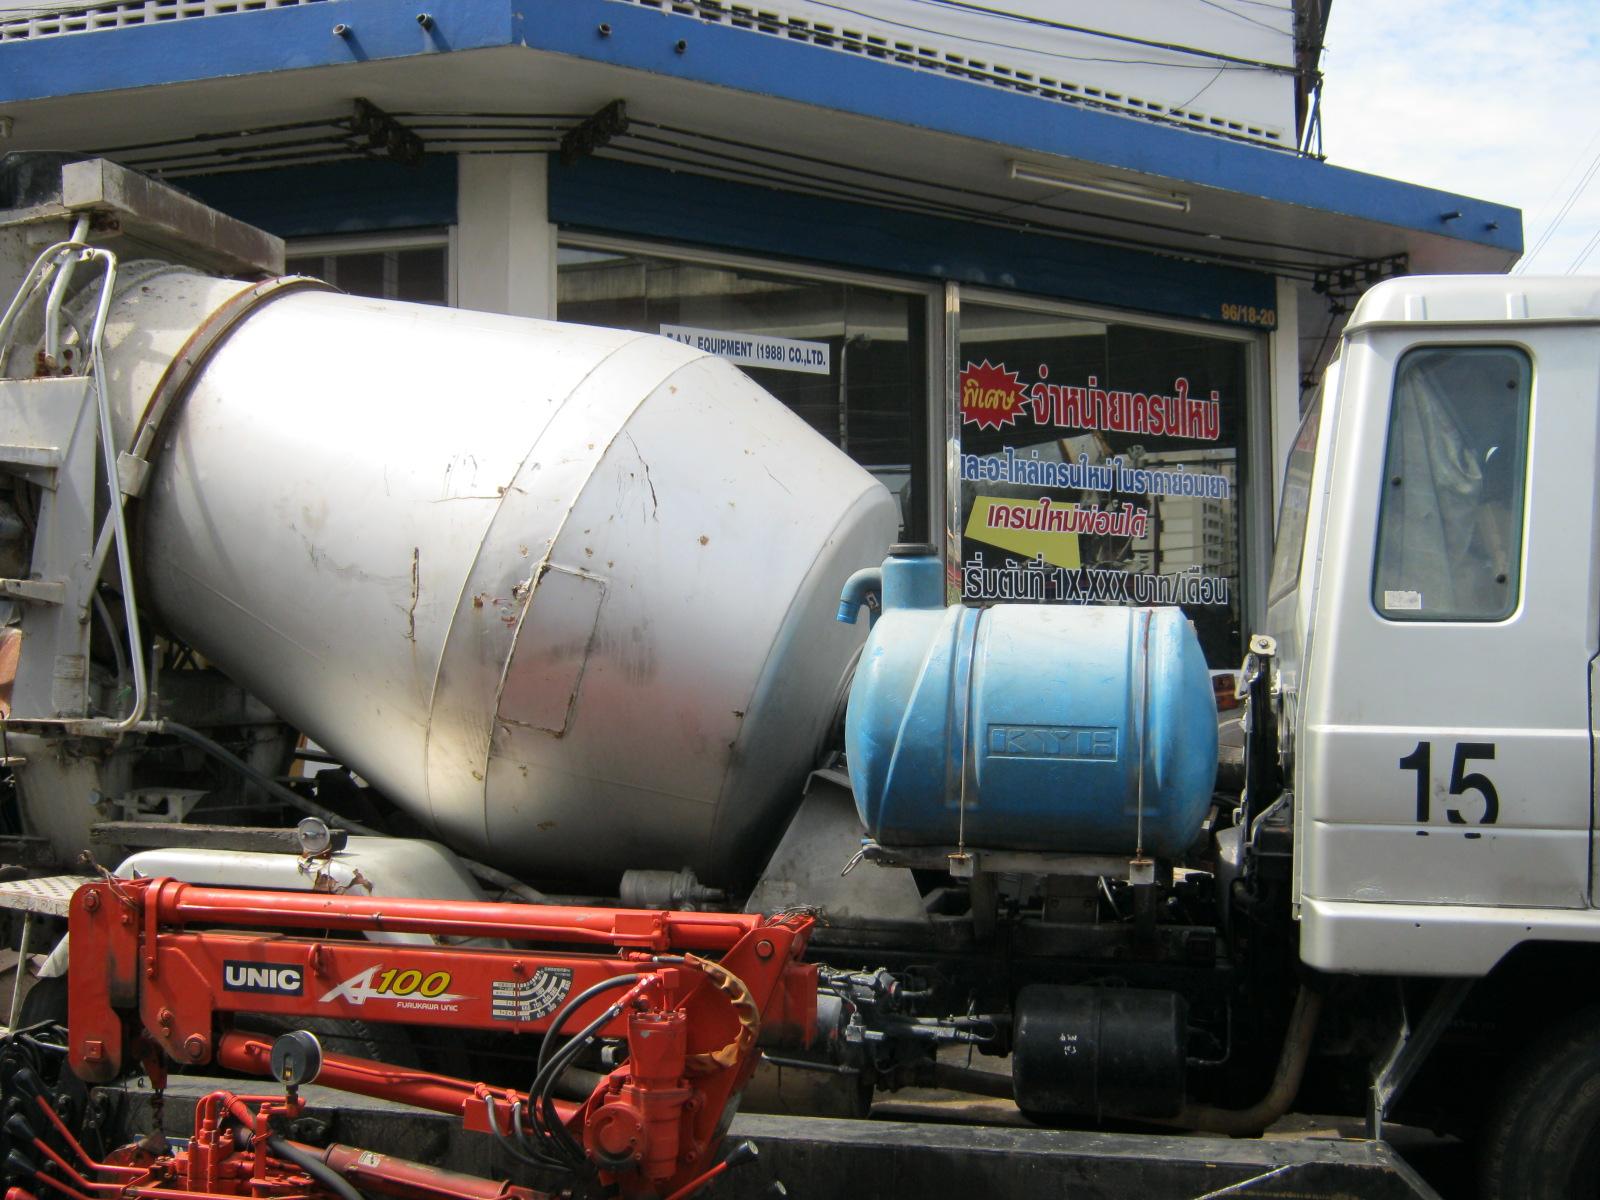 รถโม่ผสมปูนคอนกรีตมือสอง NISSAN mixer truck